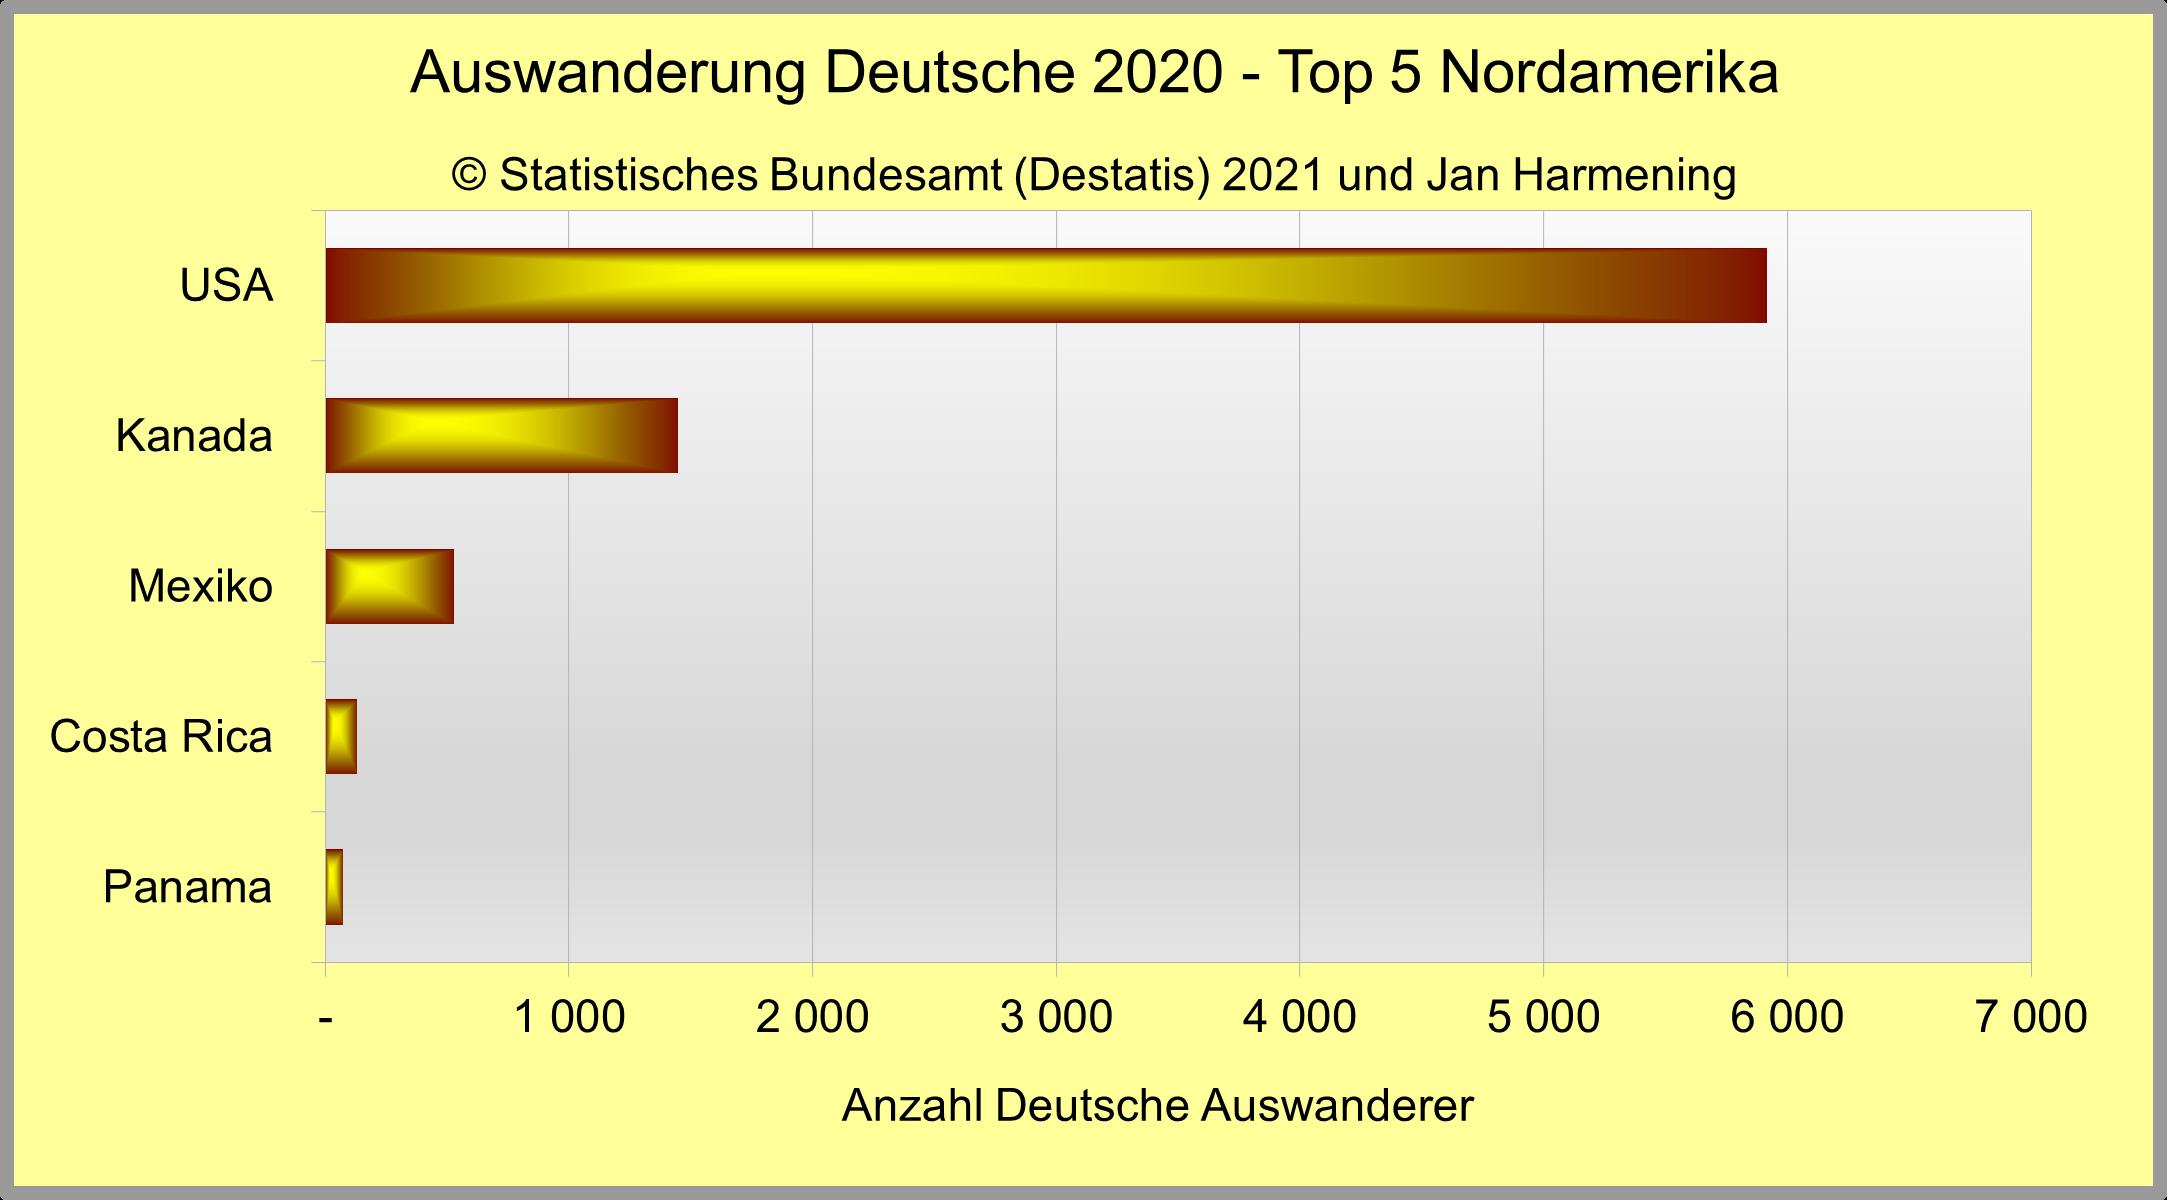 Auswanderung Deutsche 2020 - Top 5 Nordamerika